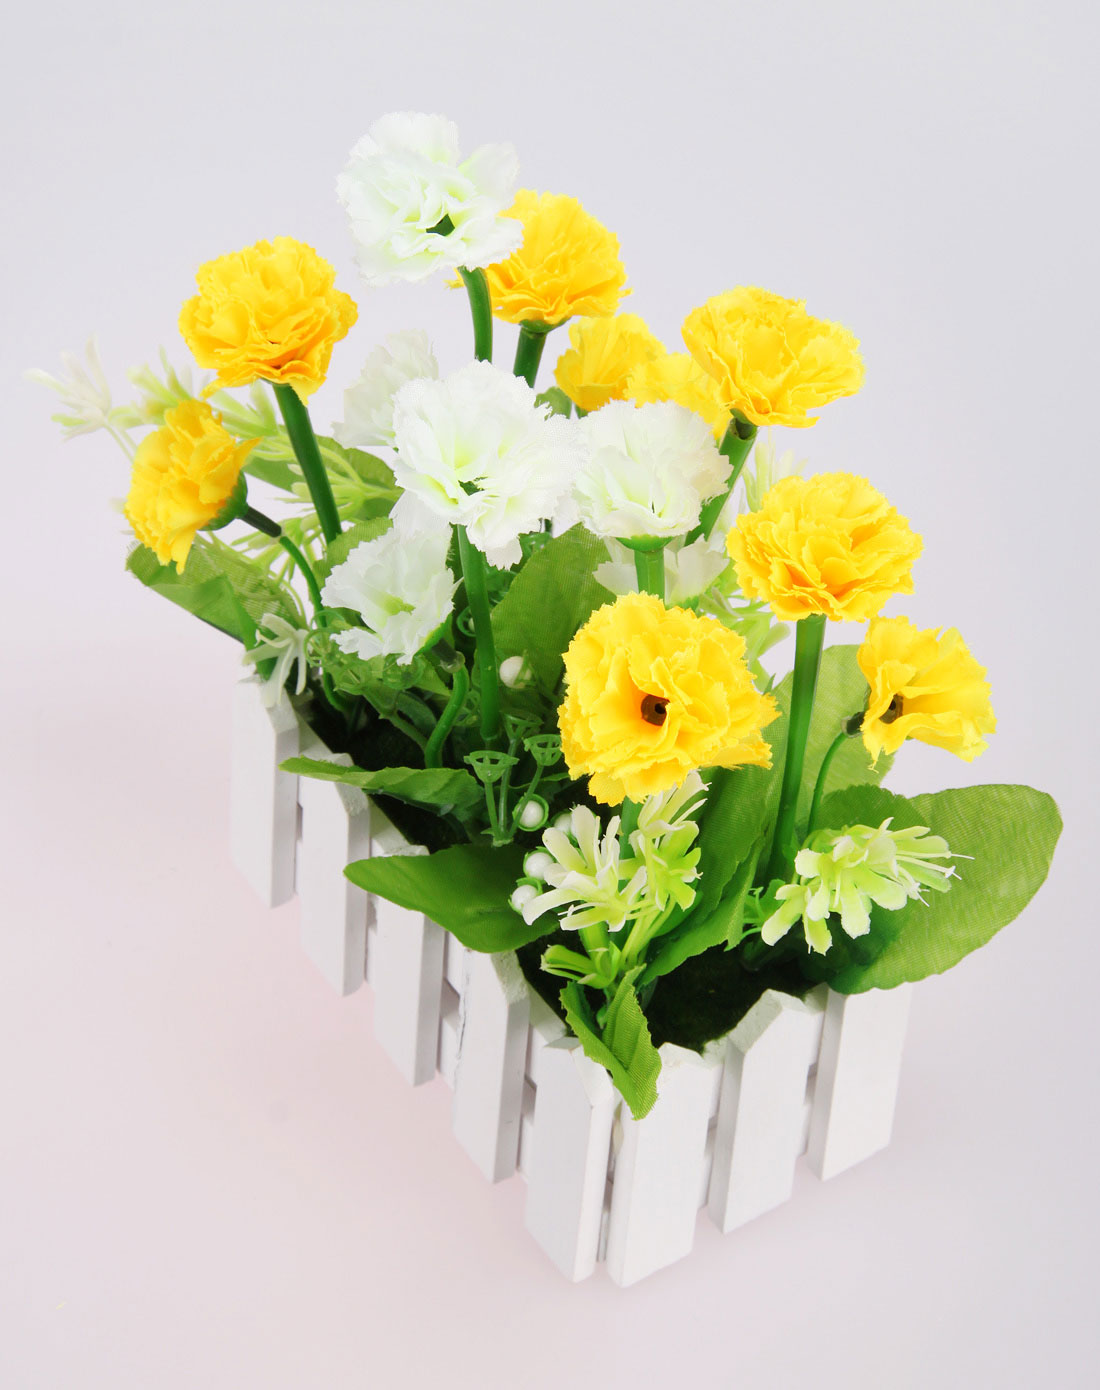 h&3家居用品专场黄绿色欧式长款栅栏仿真装饰花温馨